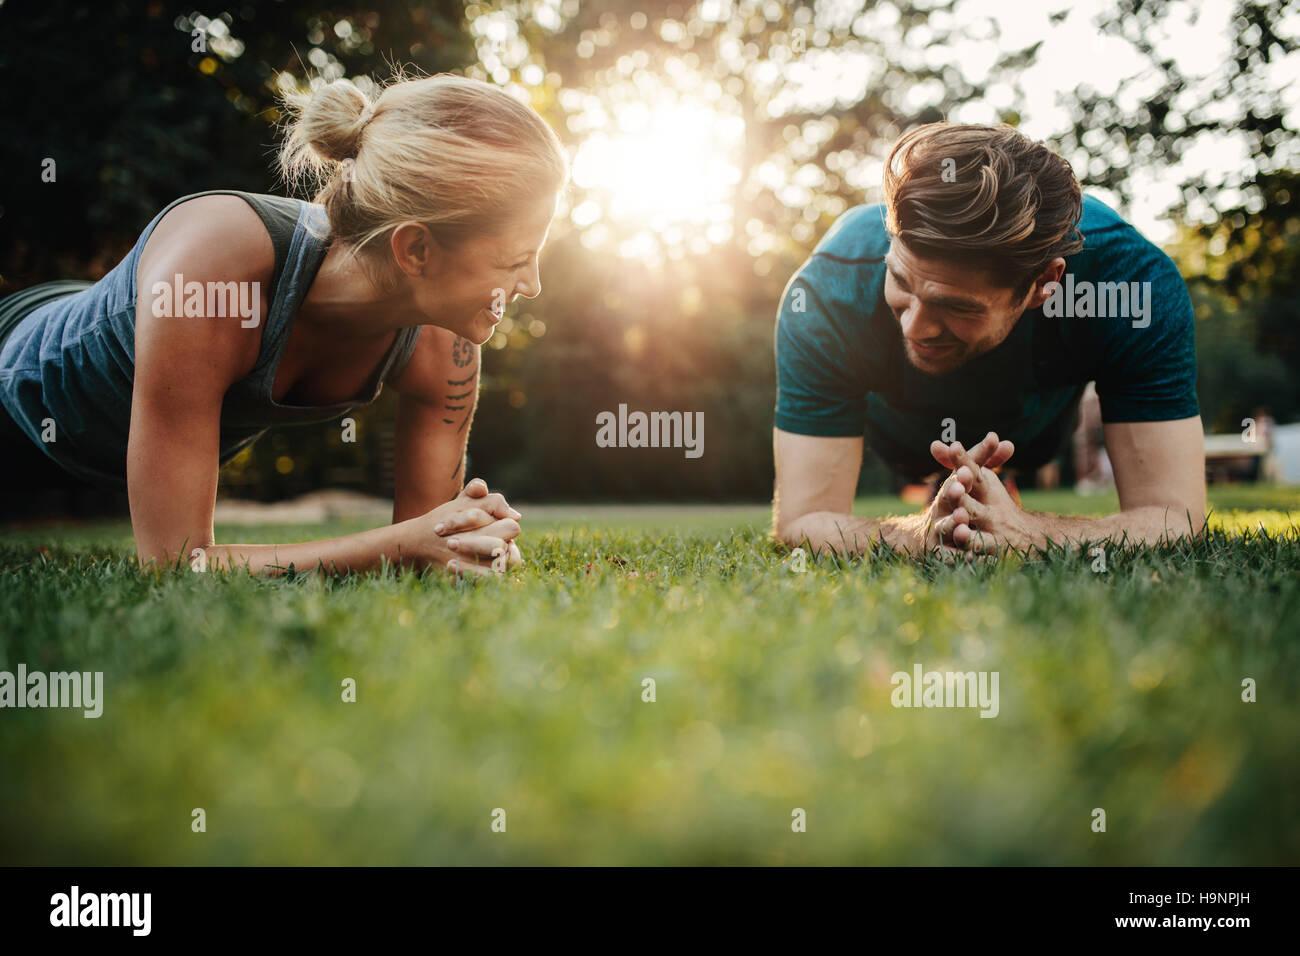 Montare il giovane uomo e donna che esercitano nel parco. Sorridente coppia caucasica facendo allenamento core sull'erba. Immagini Stock